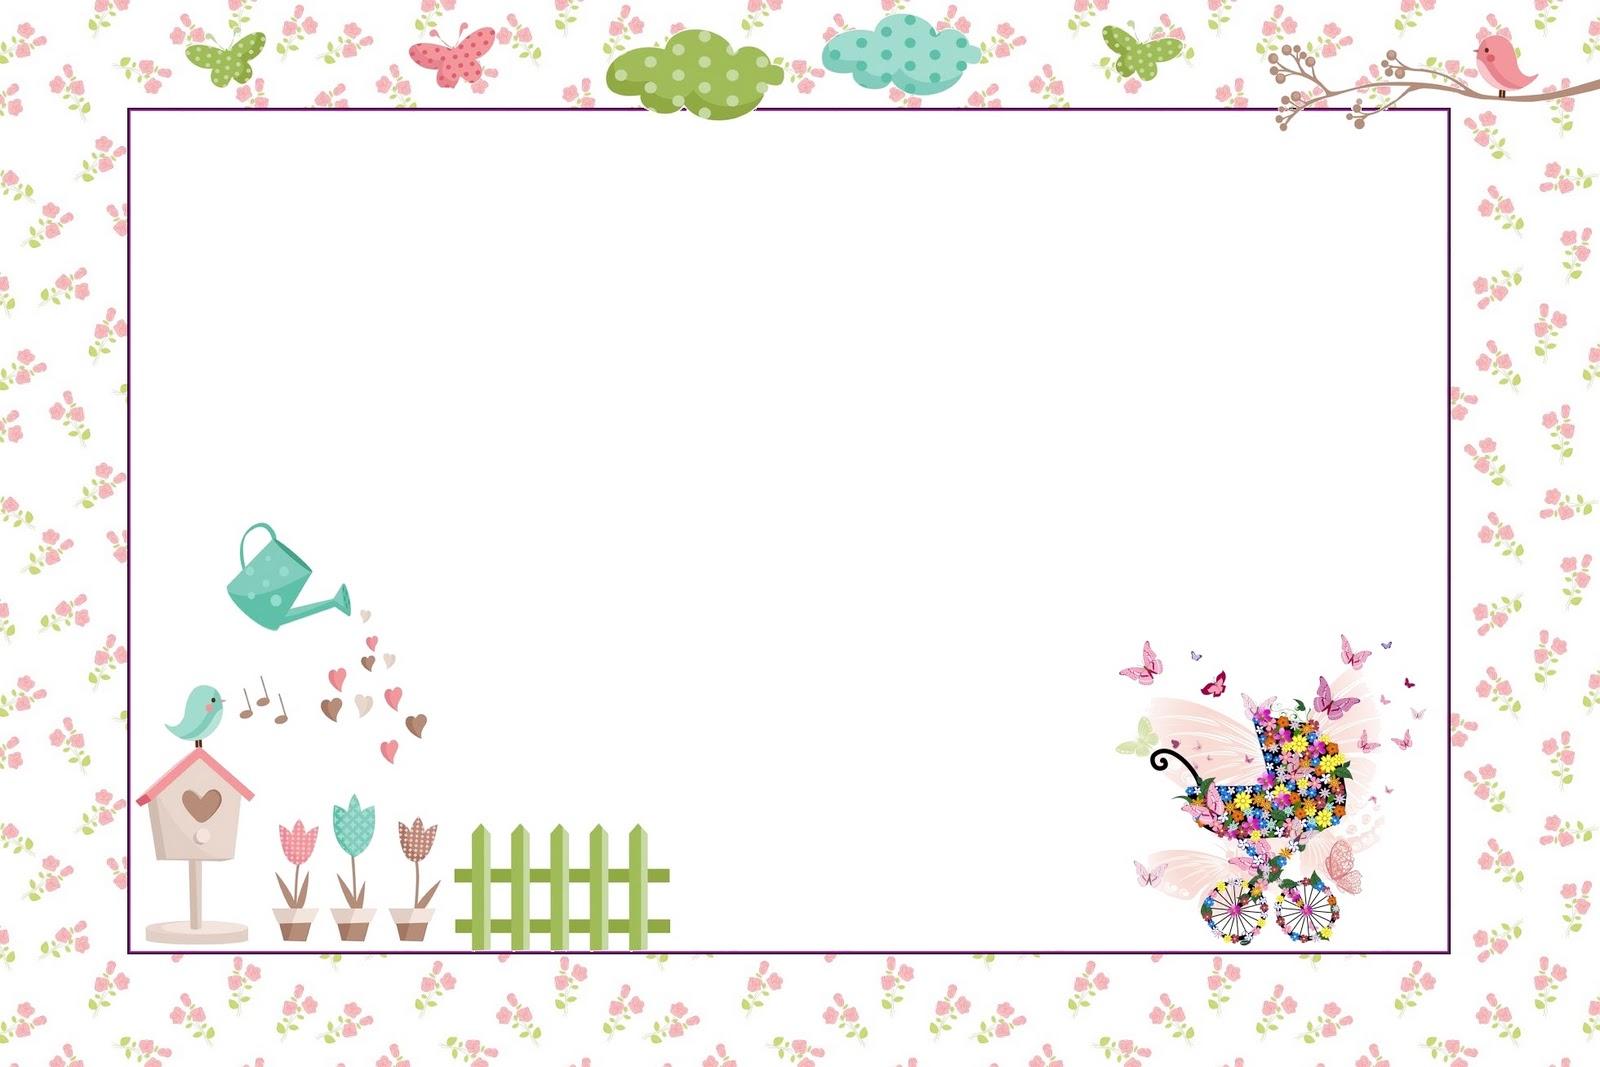 Convites para imprimir  Tema Jardim Encantado  Dicas pra Mamãe